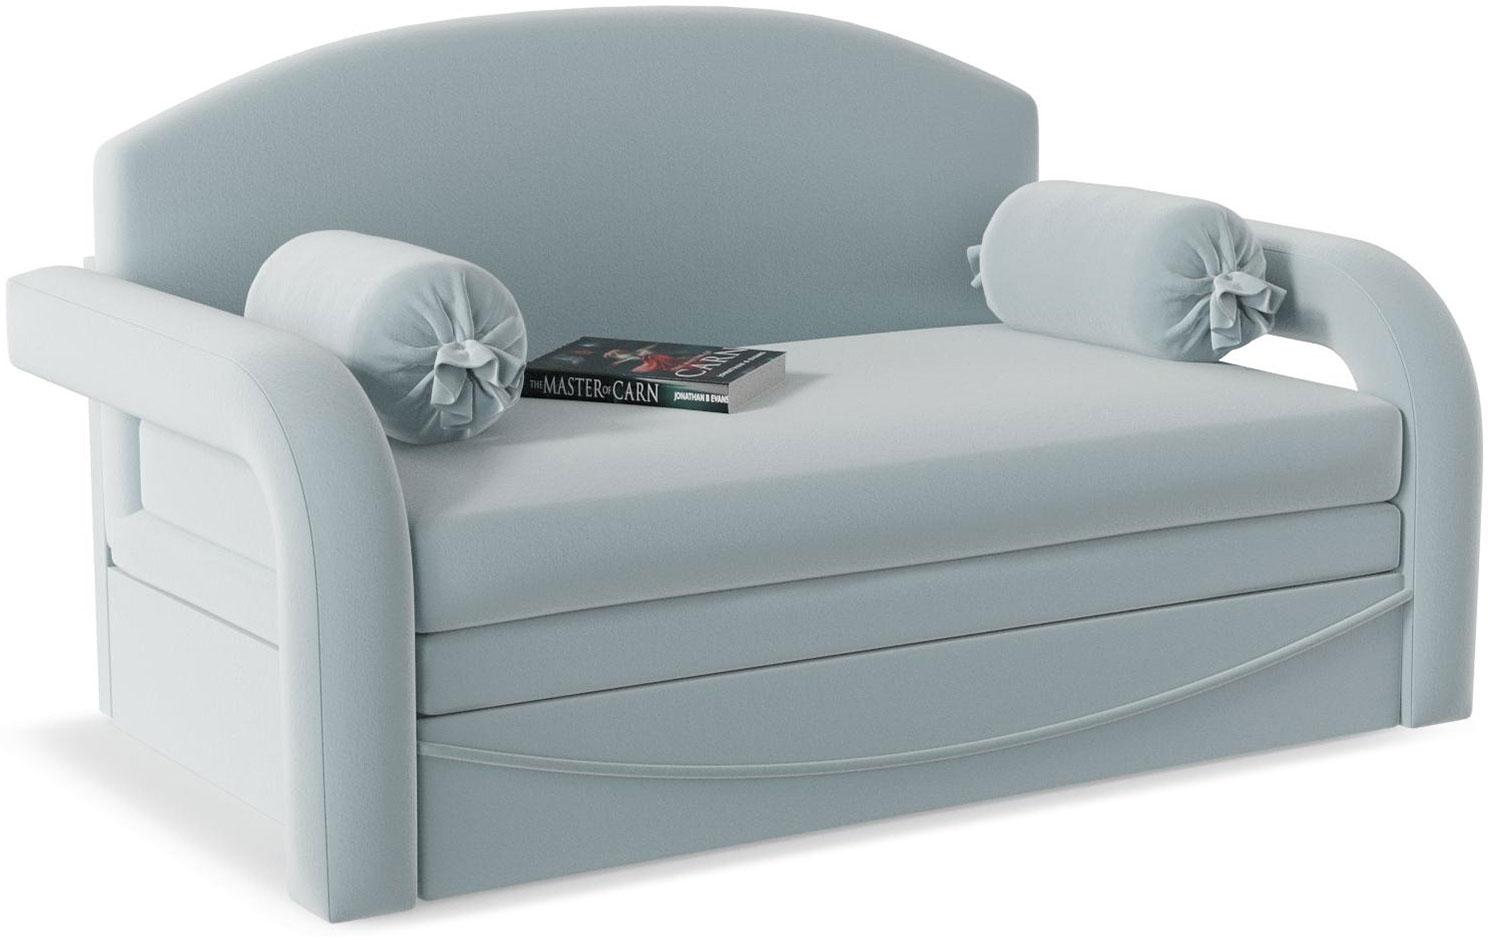 Выкатной детский диван Димочка